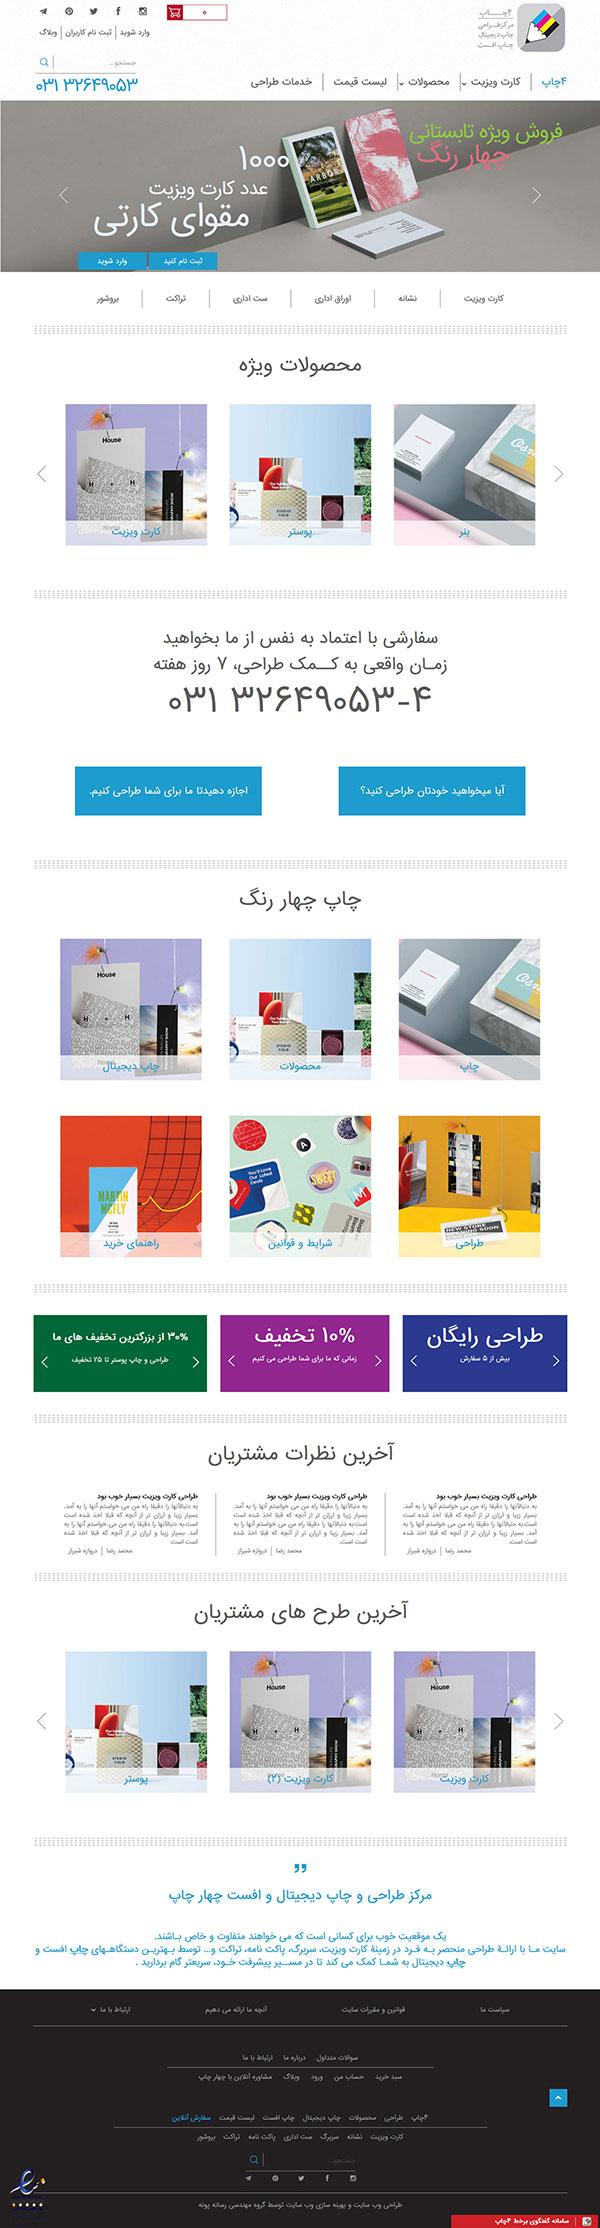 طراحی وب سایت چاپ آنلاین